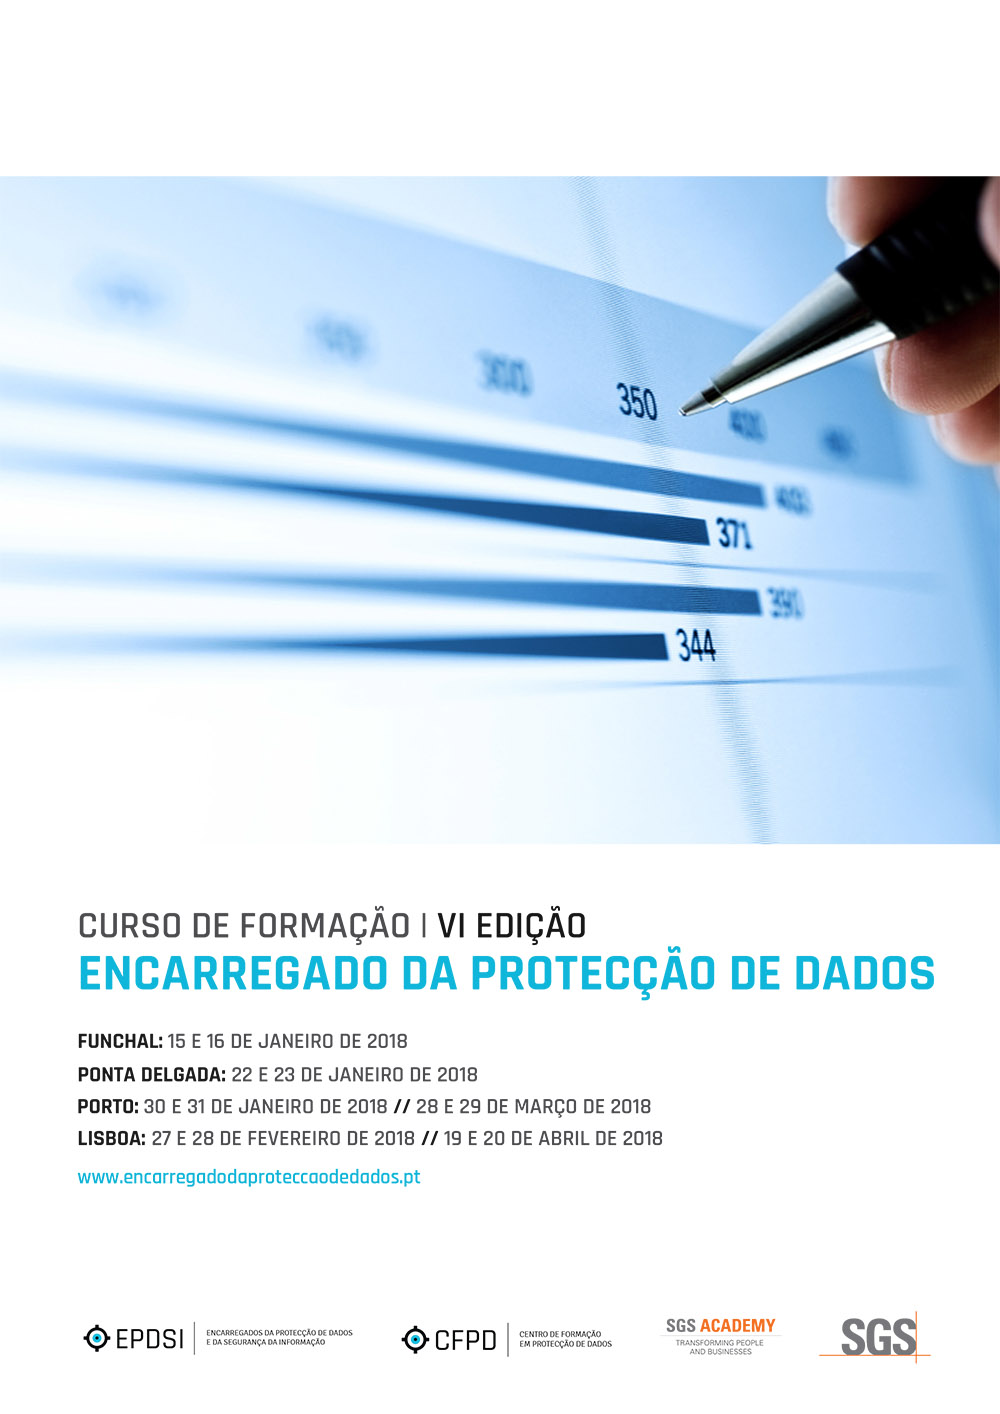 Calendário de Cursos - «Encarregado da Protecção de Dados» | «Data Protection Officer» - VI Edição - Funchal, Ponta Delgada, Porto e Lisboa